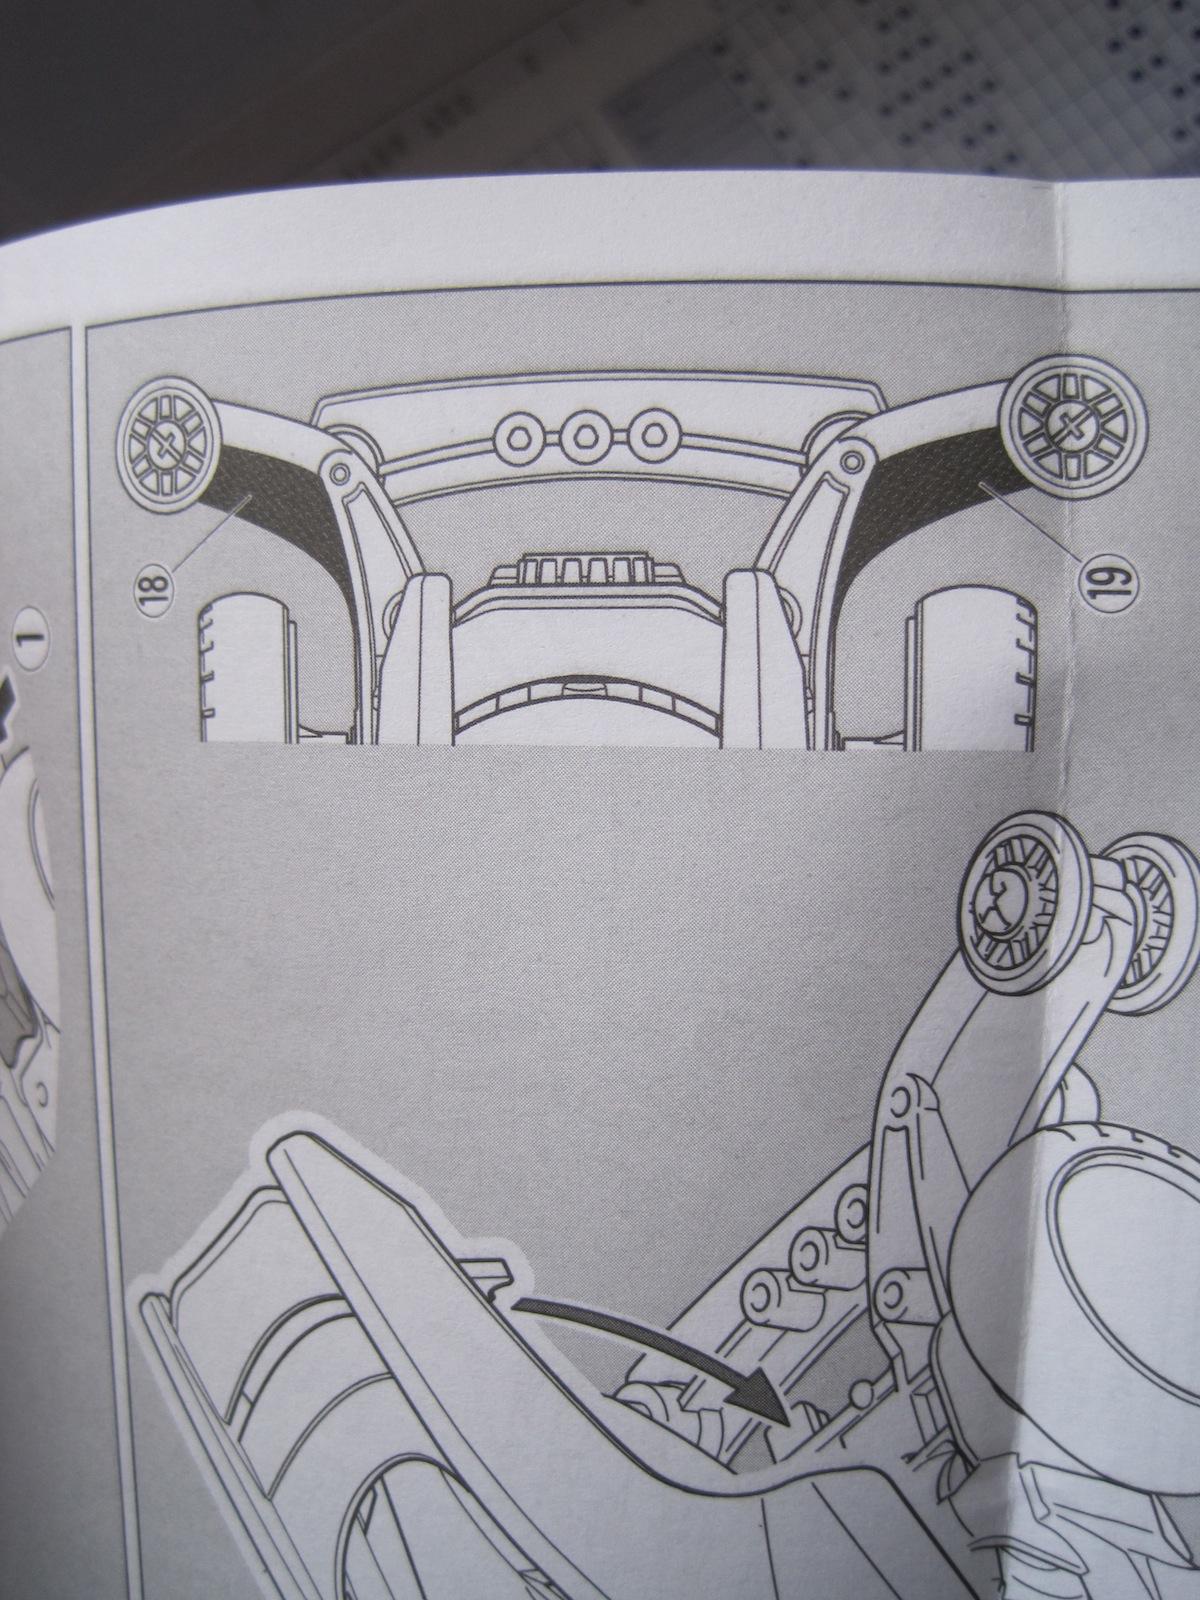 エアロサンダーショットのARシャーシリアバンパーに貼るステッカー